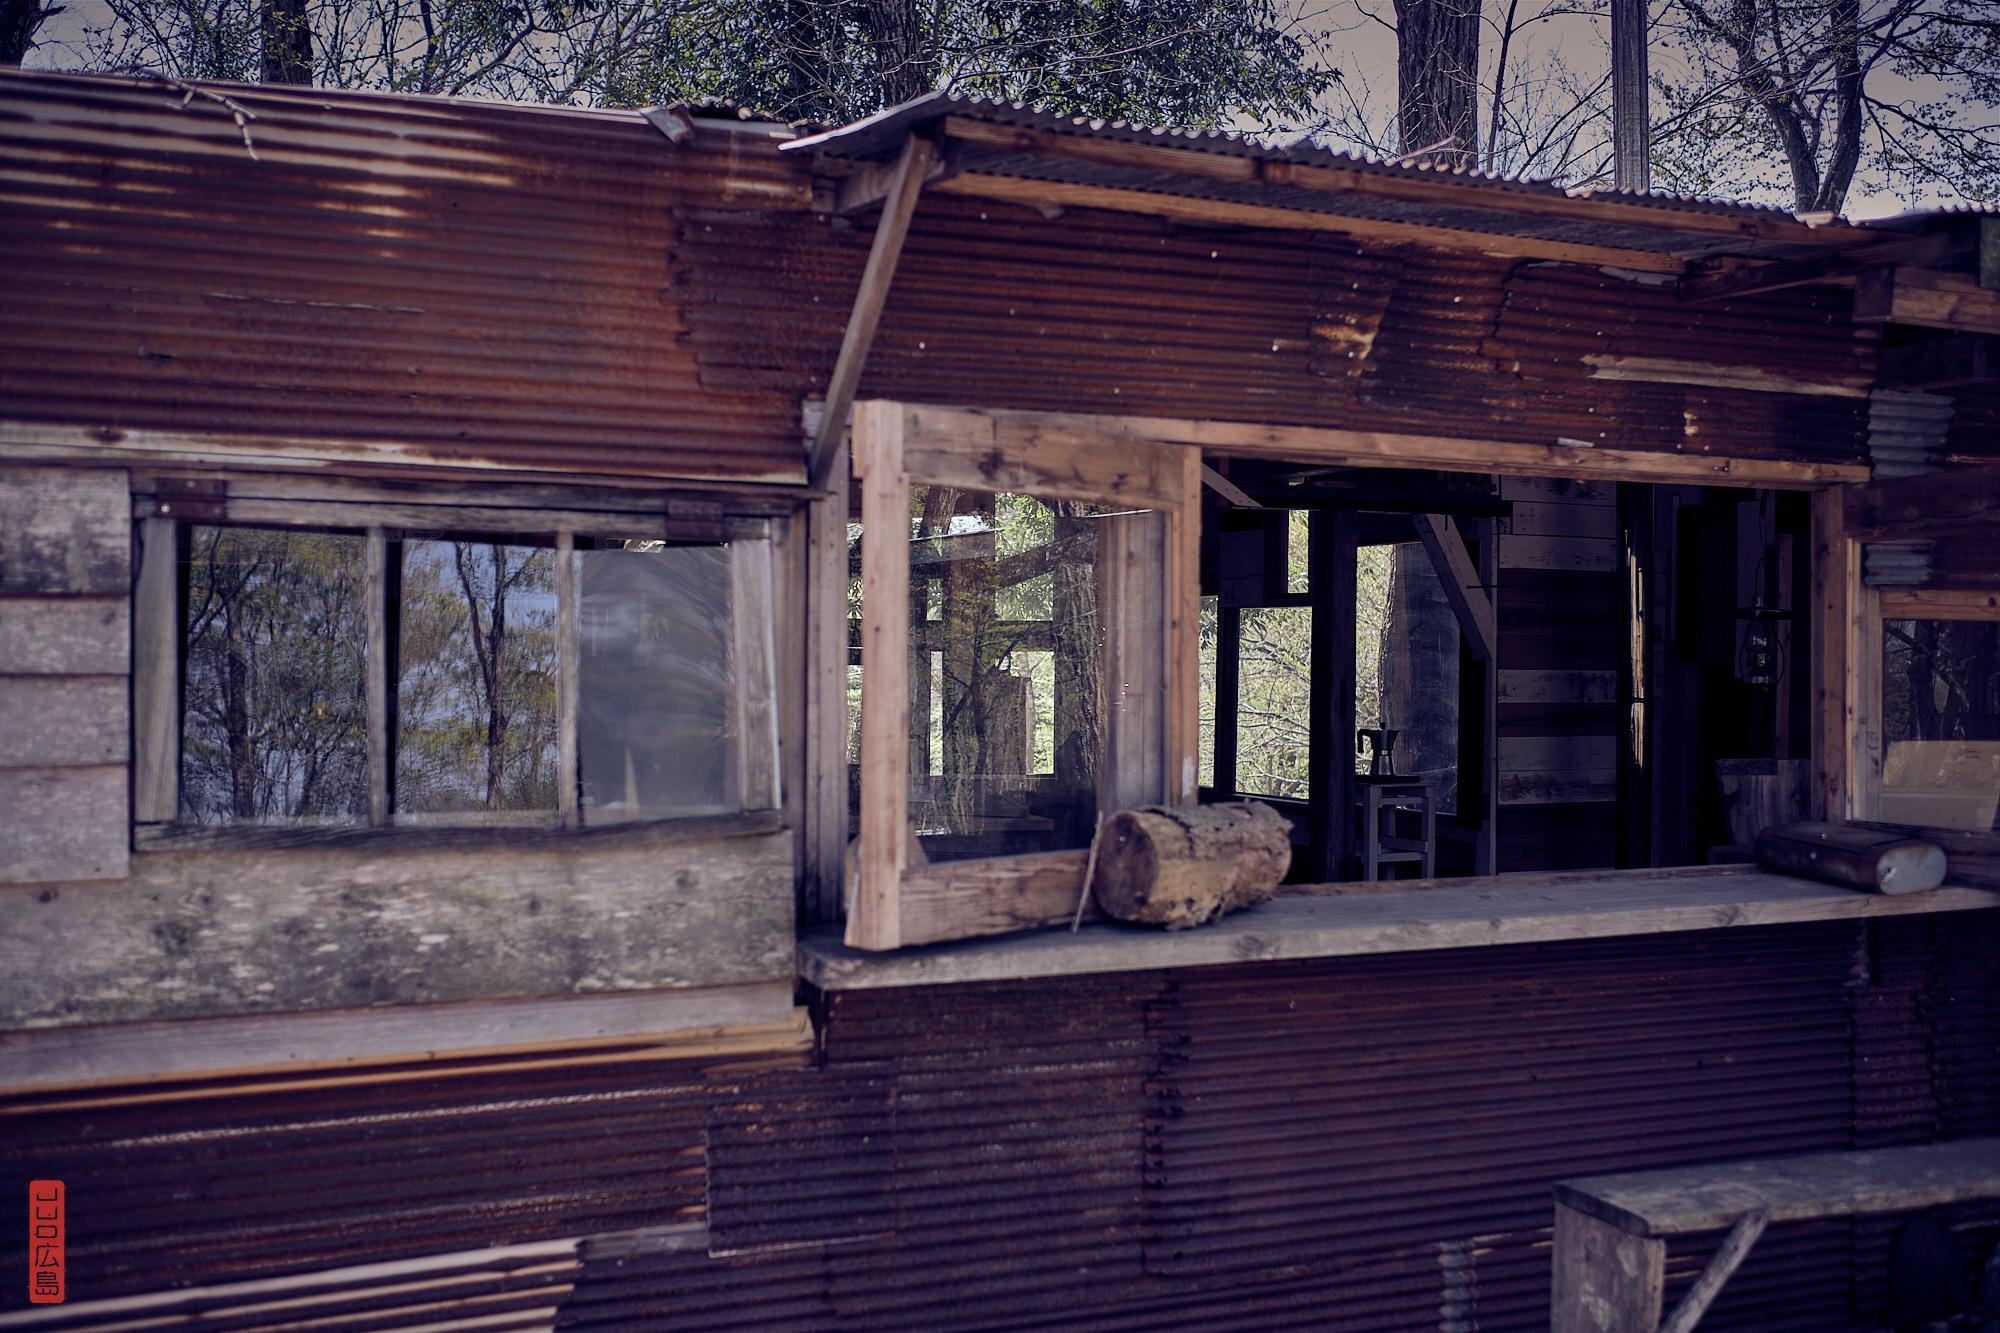 cabane en bois brut et tôle ondulée et rouillée